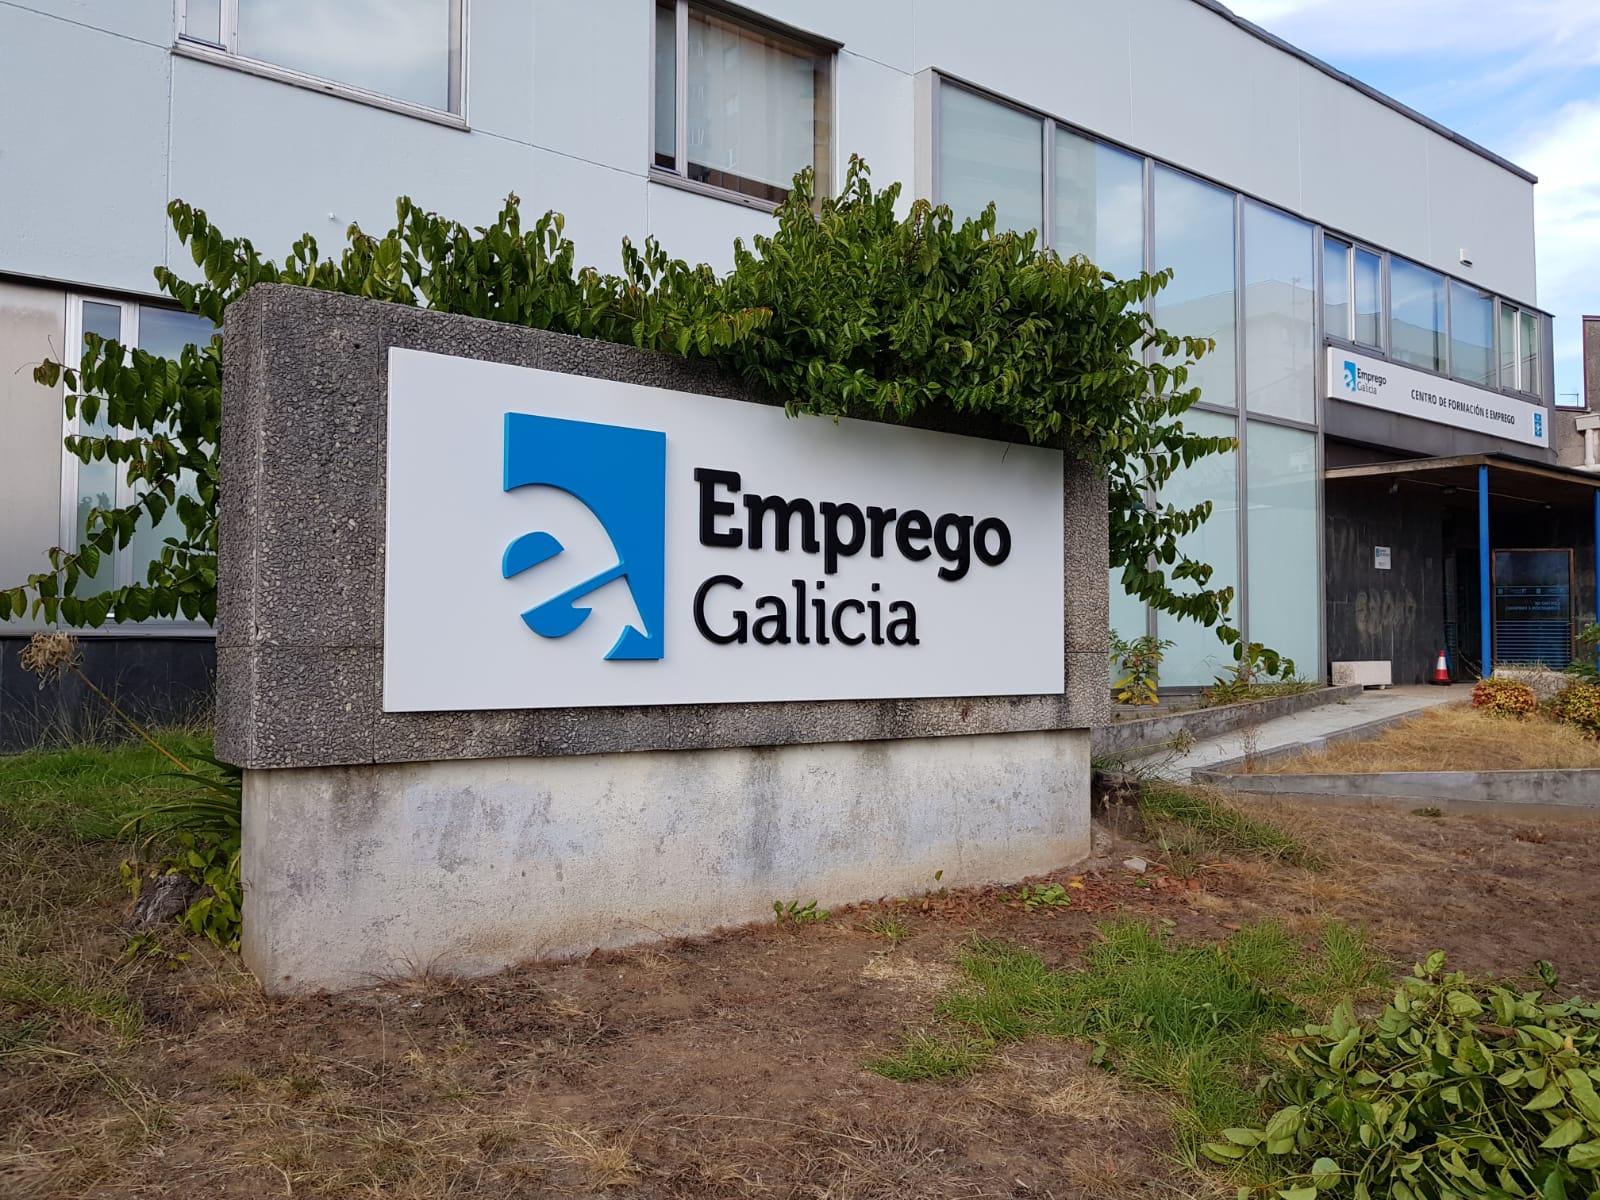 http://luzcoruna.es/wp-content/uploads/2020/03/Emprego-Galicia_Vigo-13.jpg